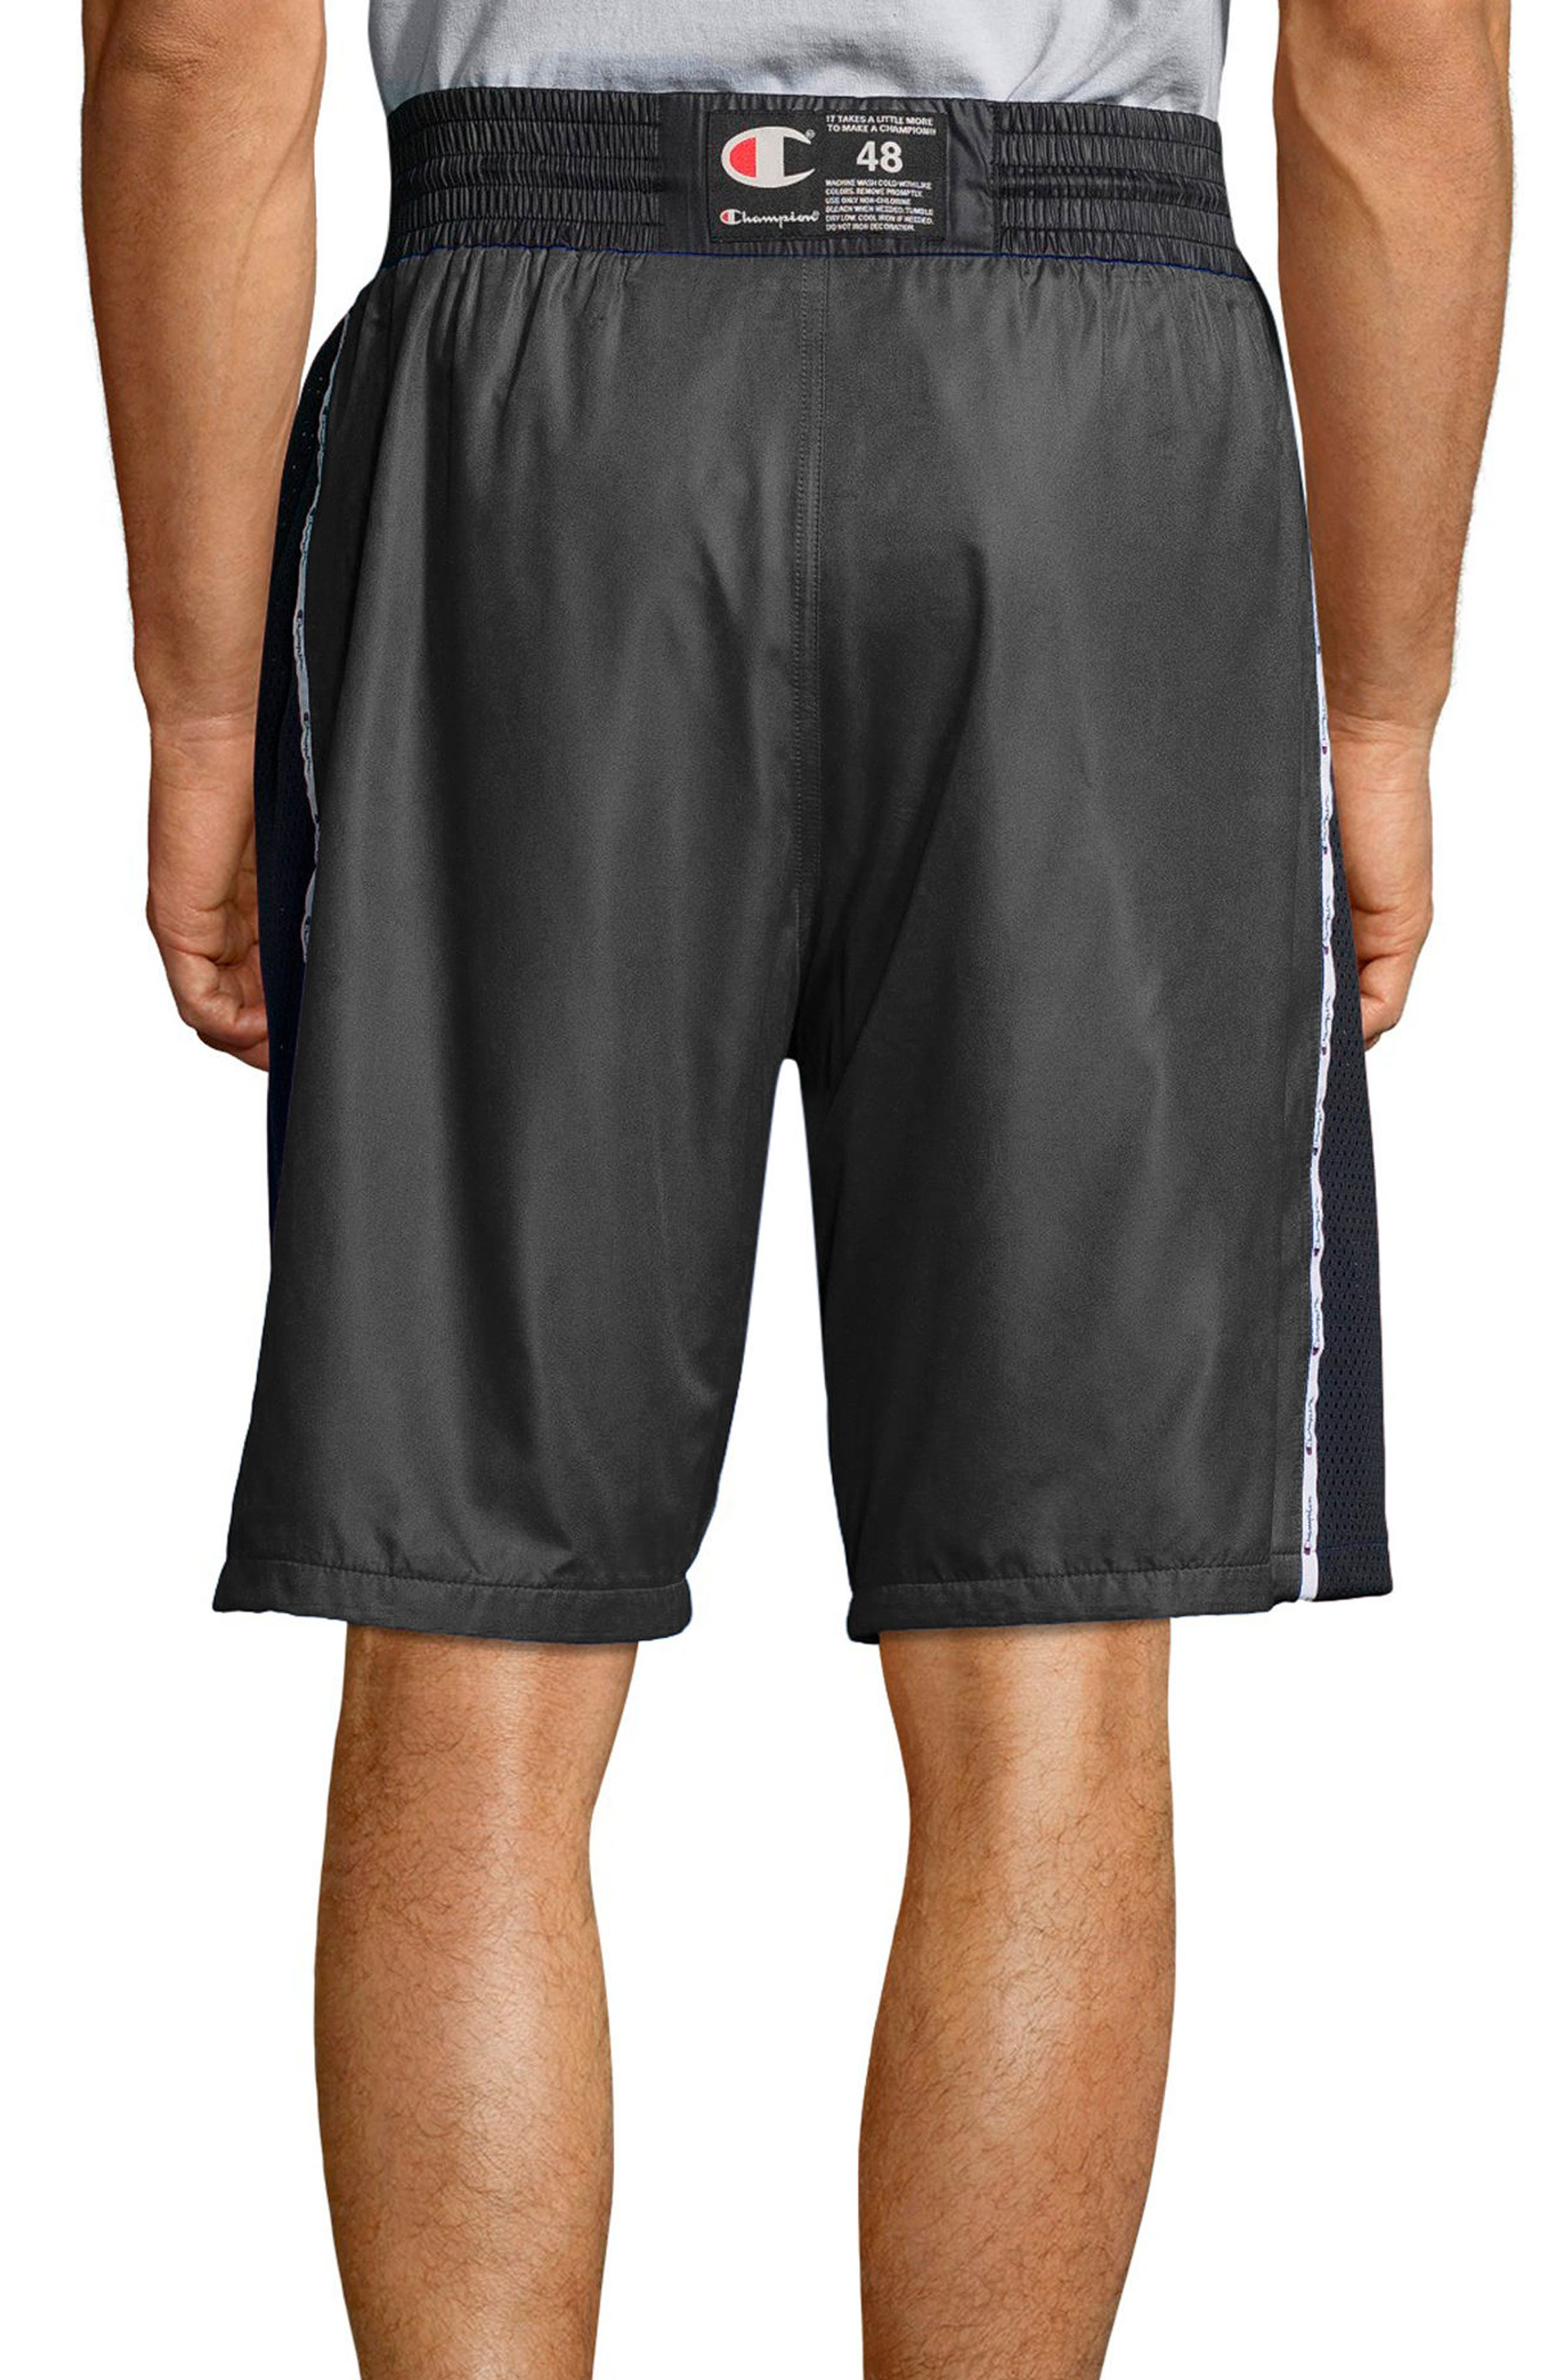 Satin Shorts,                             Alternate thumbnail 2, color,                             001